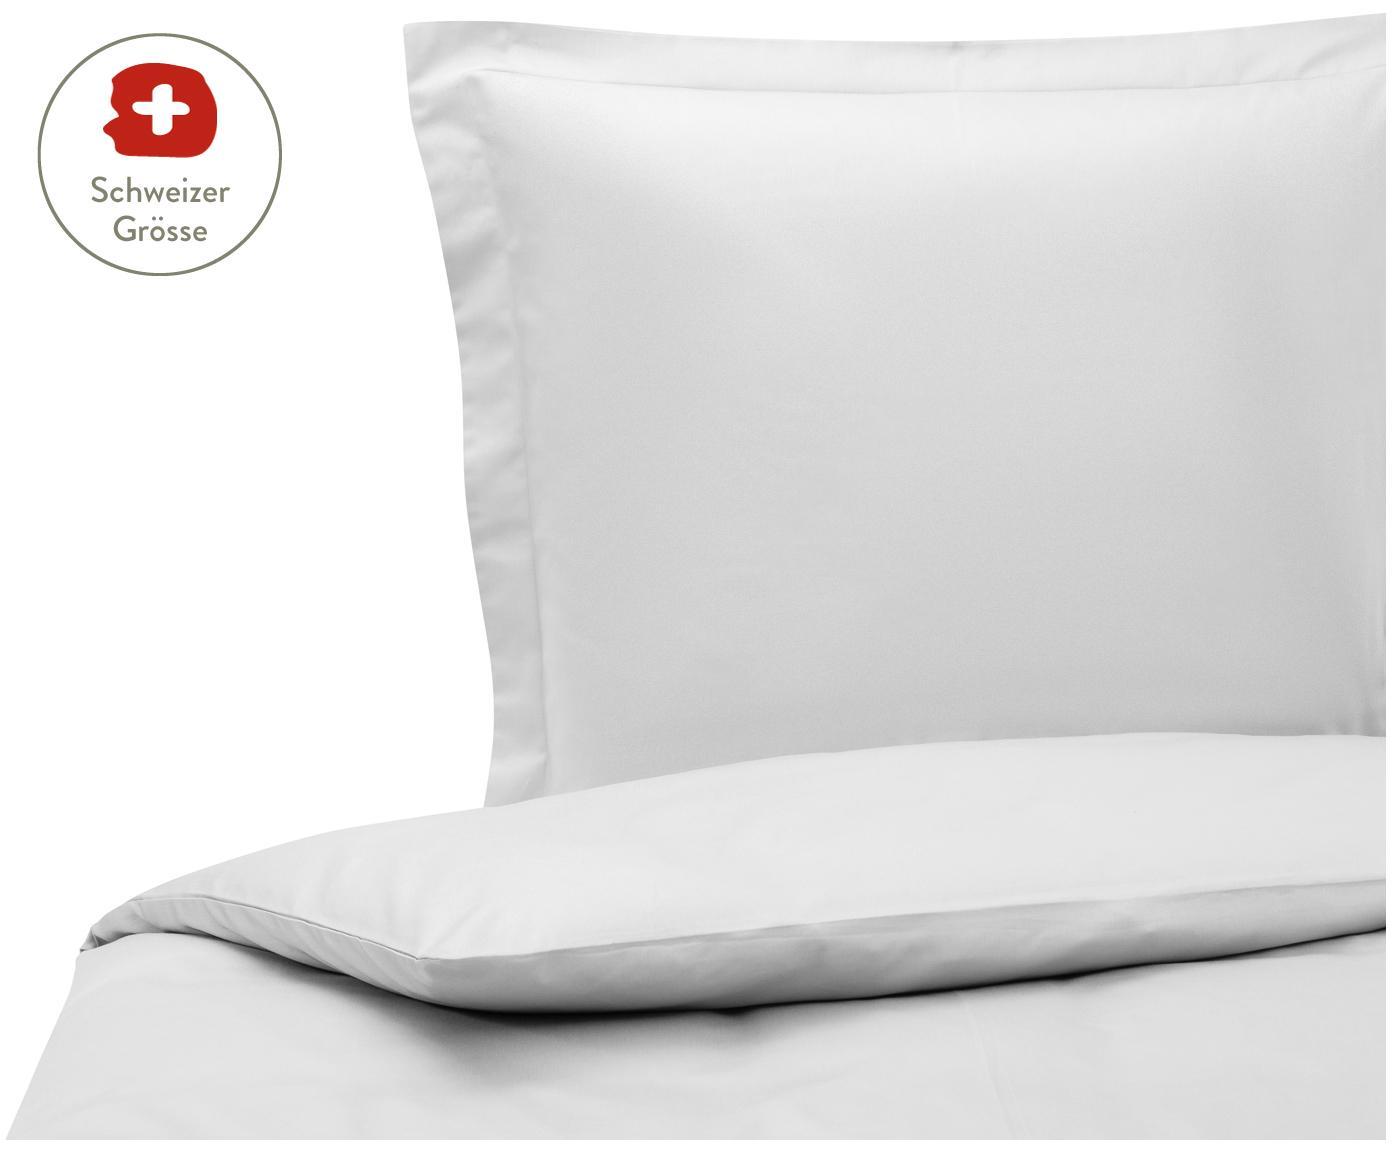 Baumwollsatin-Bettdeckenbezug Premium in Hellgrau mit Stehsaum, Webart: Satin, leicht glänzend, Hellgrau, 160 x 210 cm